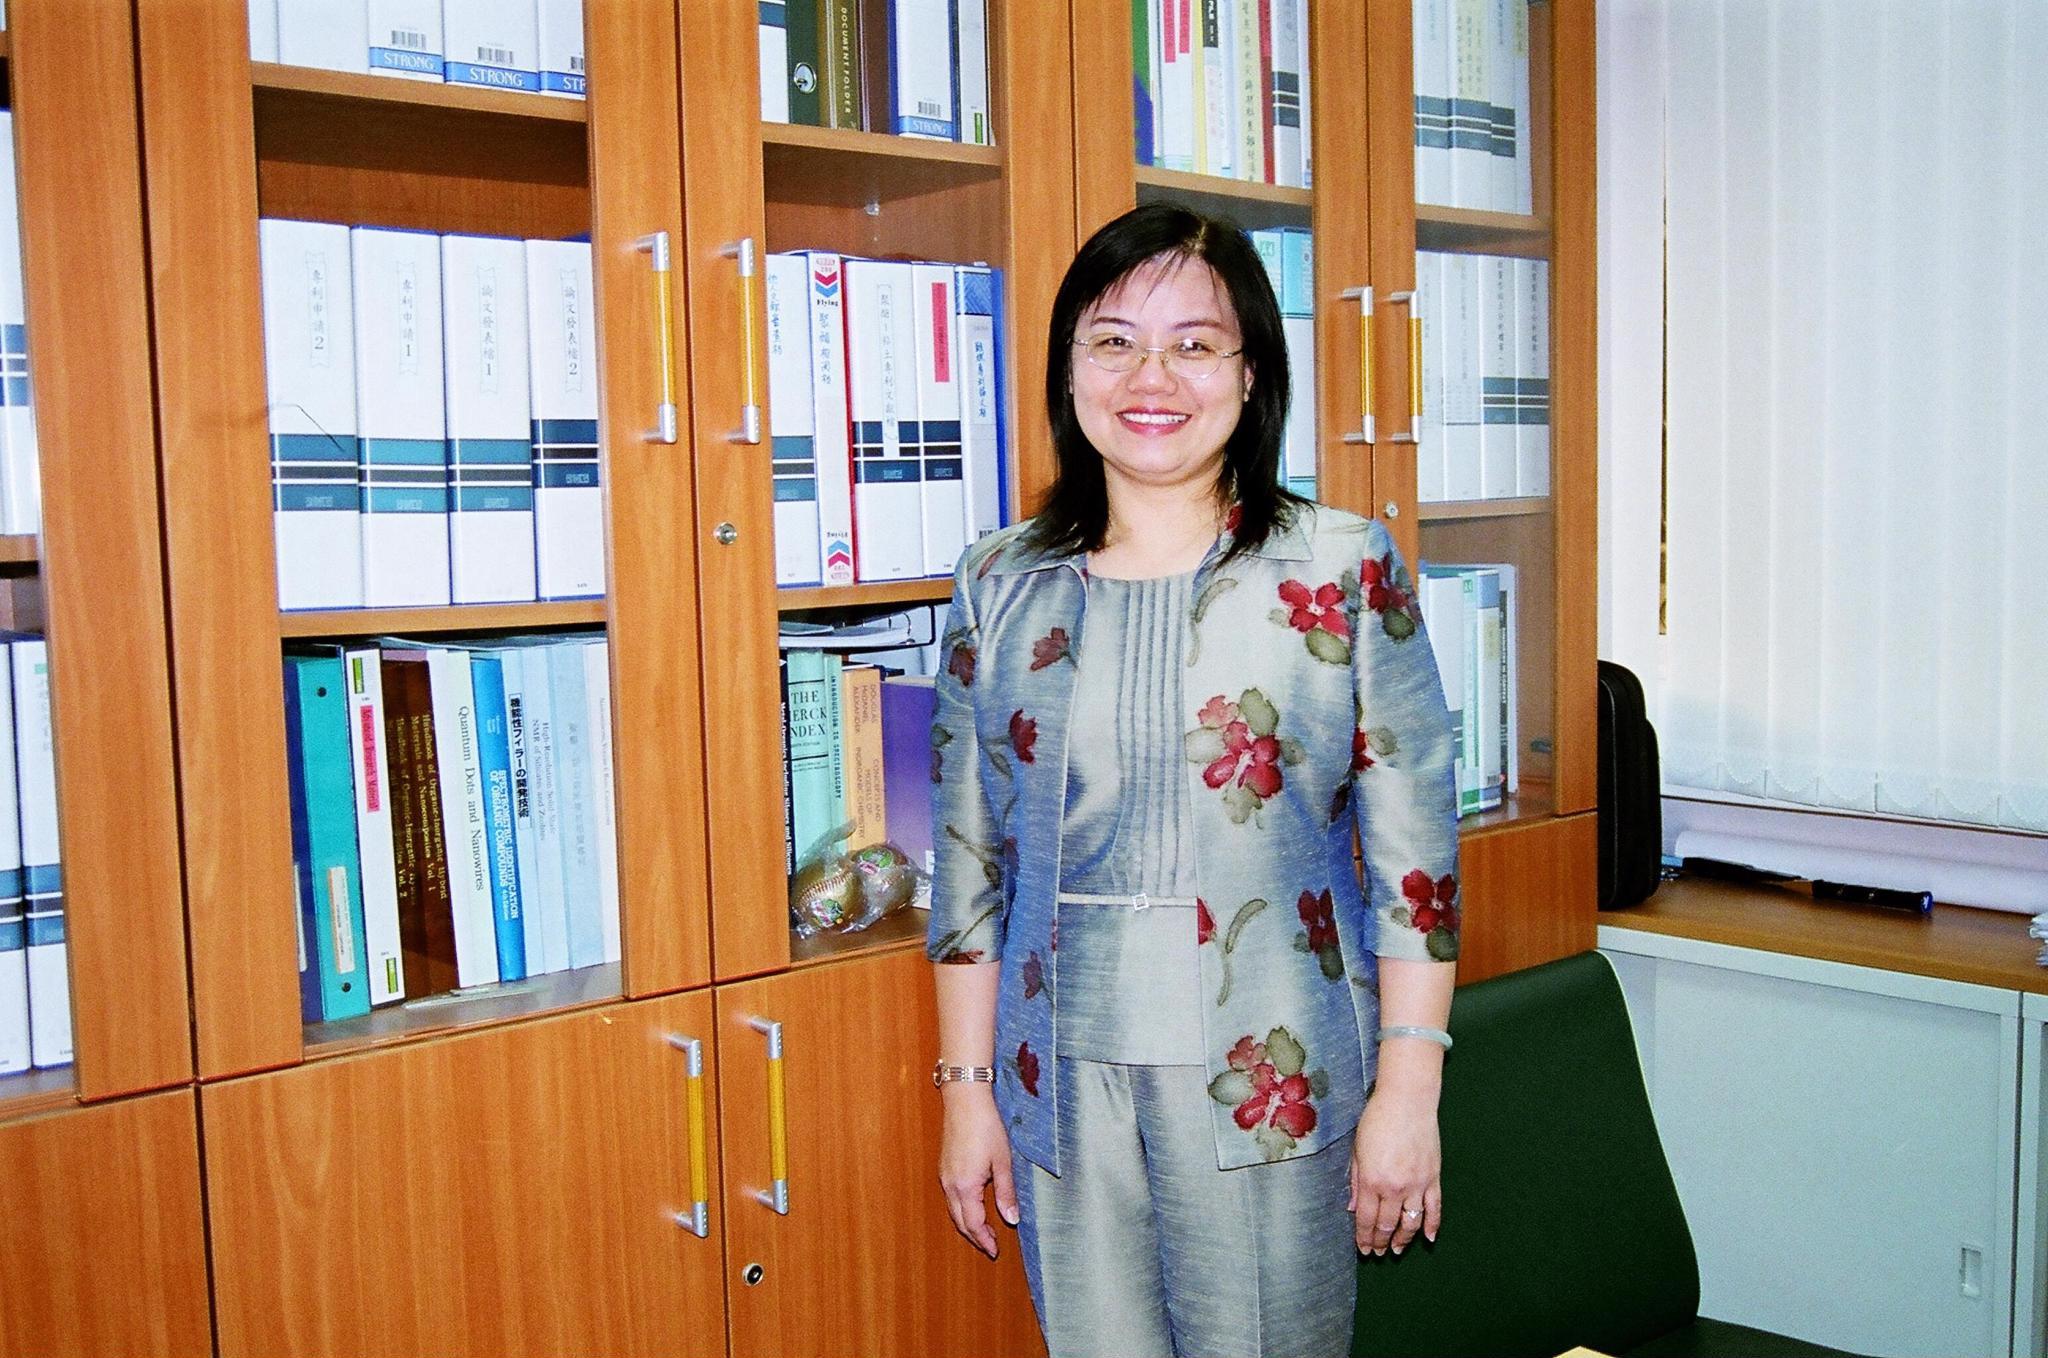 賀!化學系蔡宗燕教授等人榮獲「在地型產業加值學界科專計畫」三年2400萬元補助